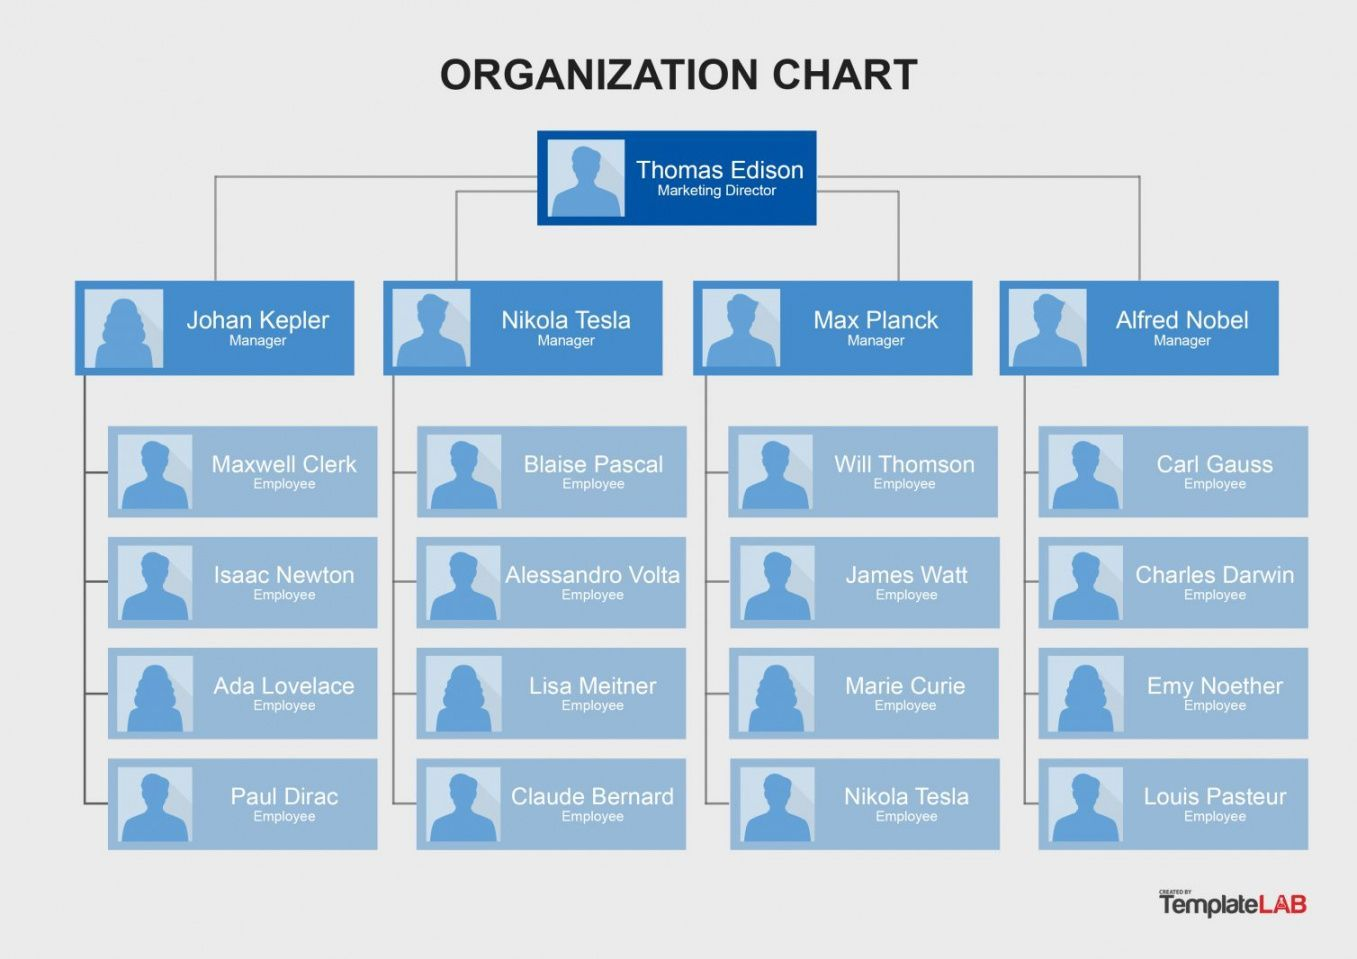 Management Organizational Chart Template Organization Chart Organizational Chart Org Chart Organizational chart template free download